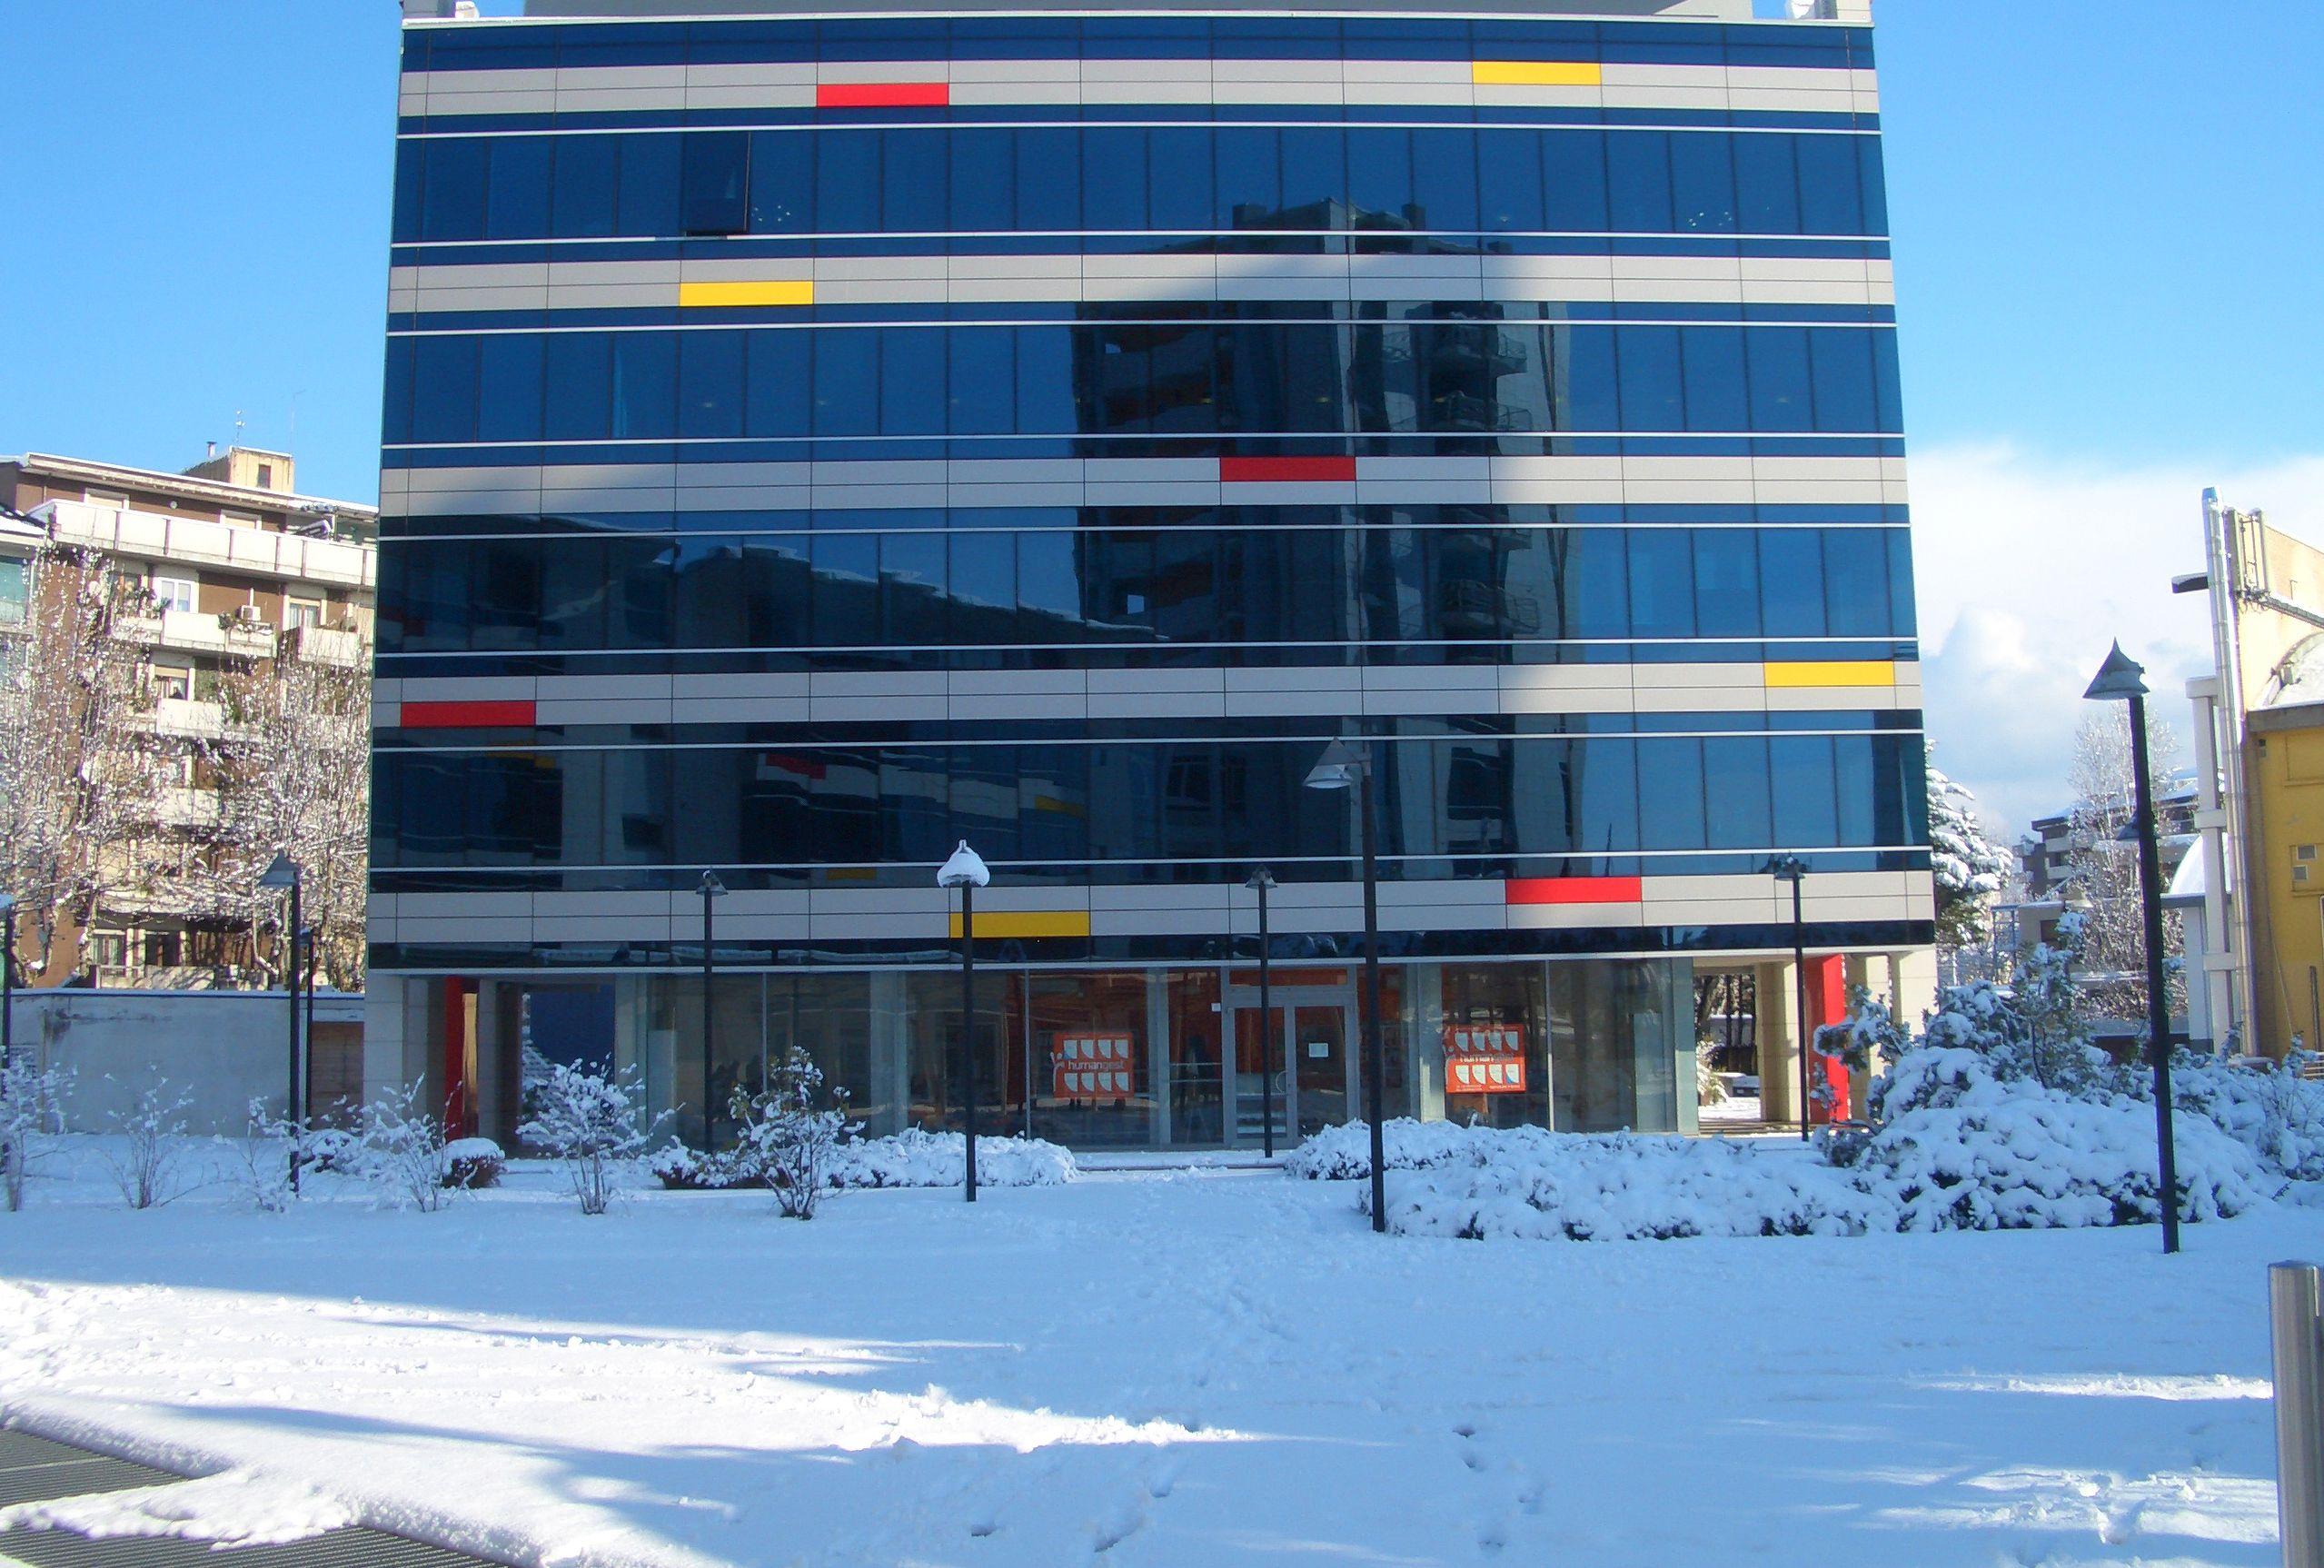 palazzetto-d-ambrosio-piazza-troilo-pescara-neve